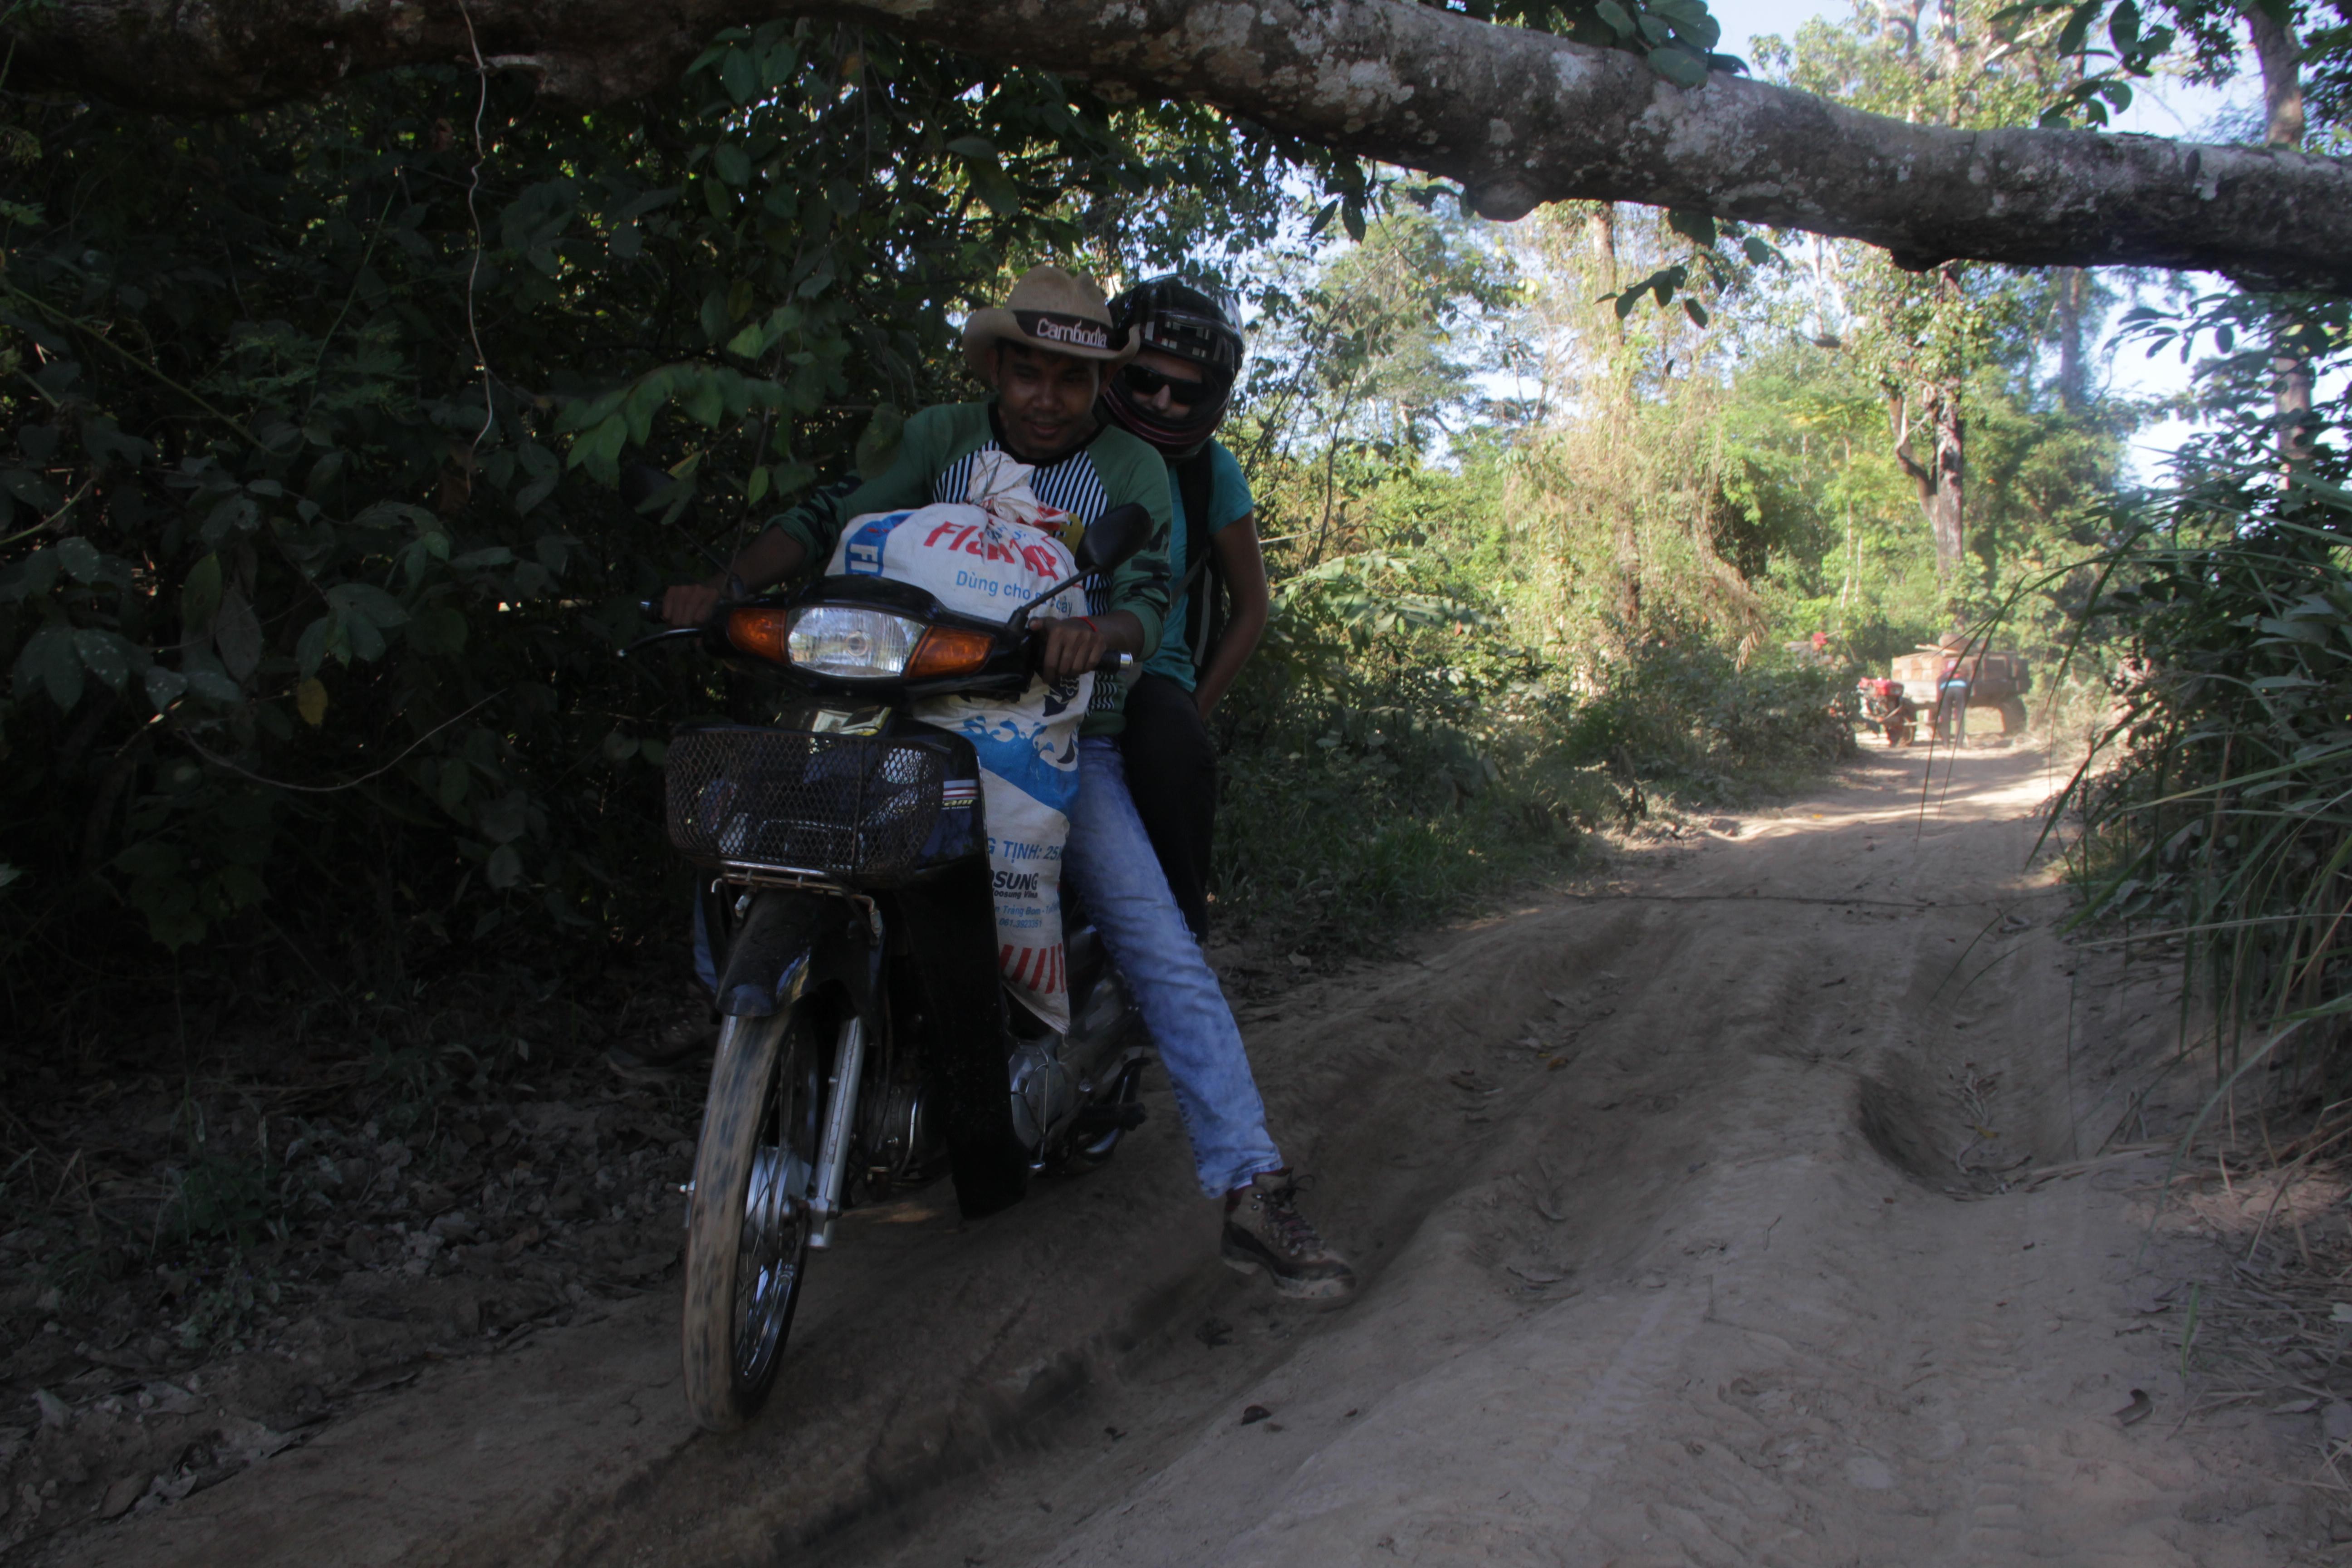 Dans la forêt du Ratanakiri, les pistes sont ravagées par les camions qui transportent le bois (© Jérôme Decoster).